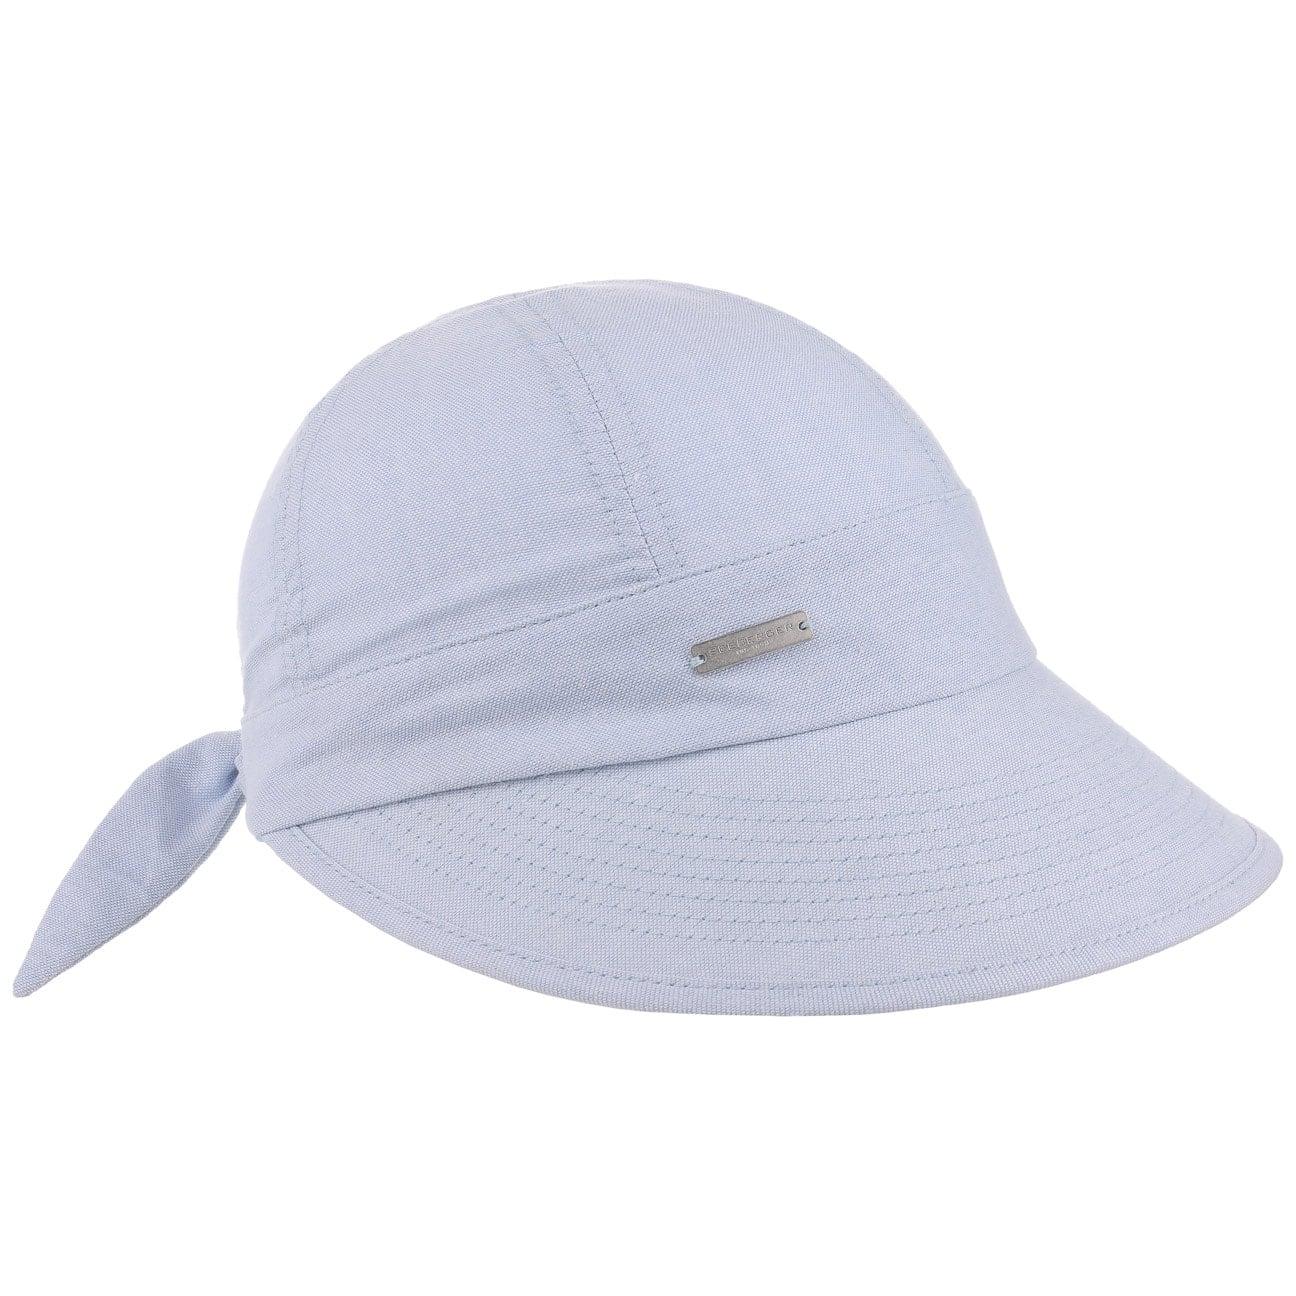 Gorra de Mujer Chambry by Seeberger  gorra de mujer